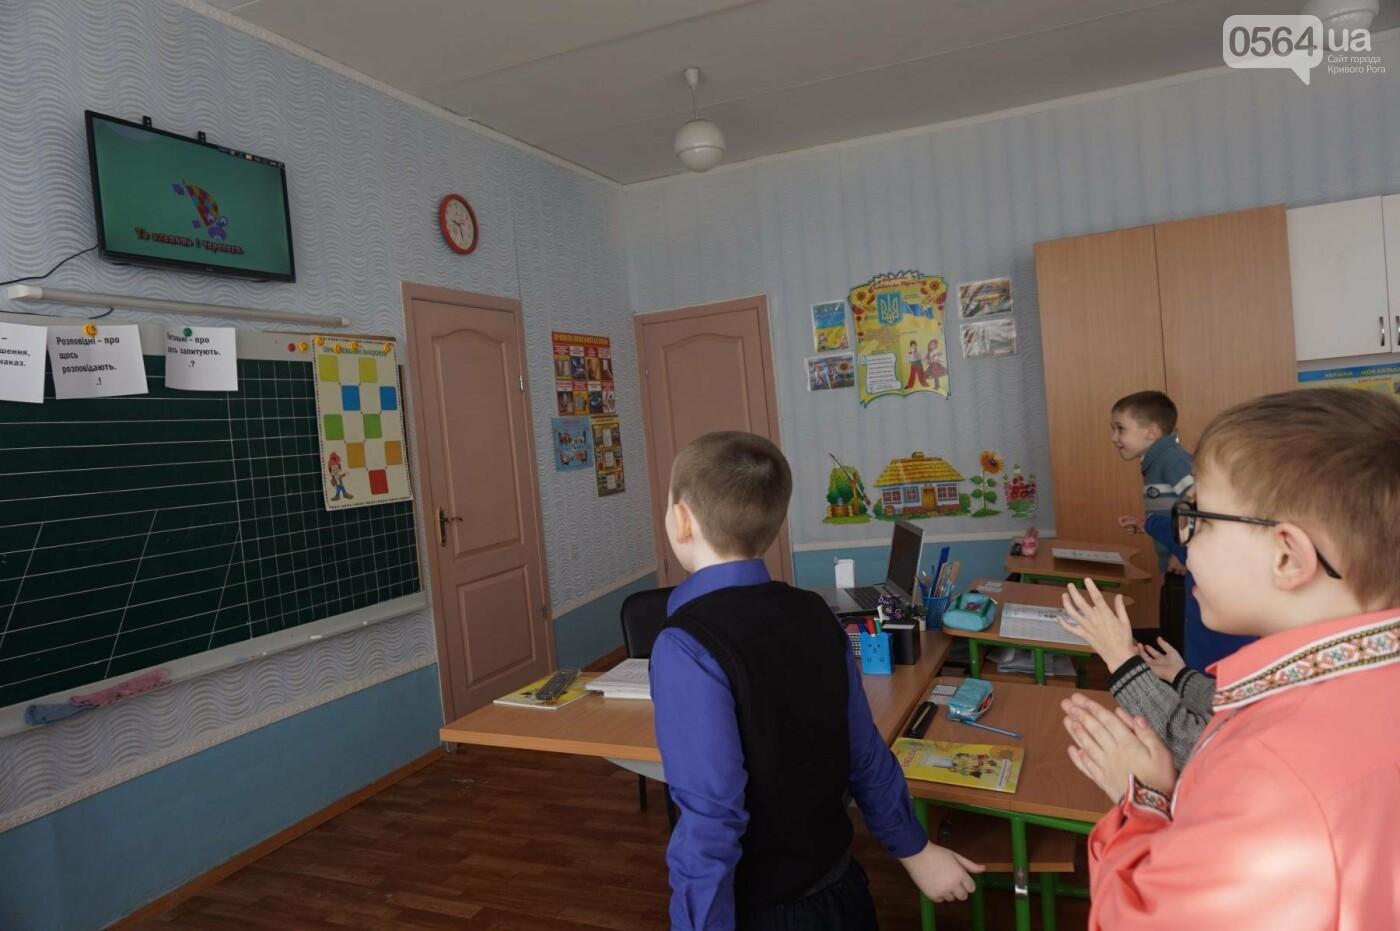 Приближаясь к Европе: Как в школах Кривого Рога внедряют инклюзию (ФОТО), фото-30